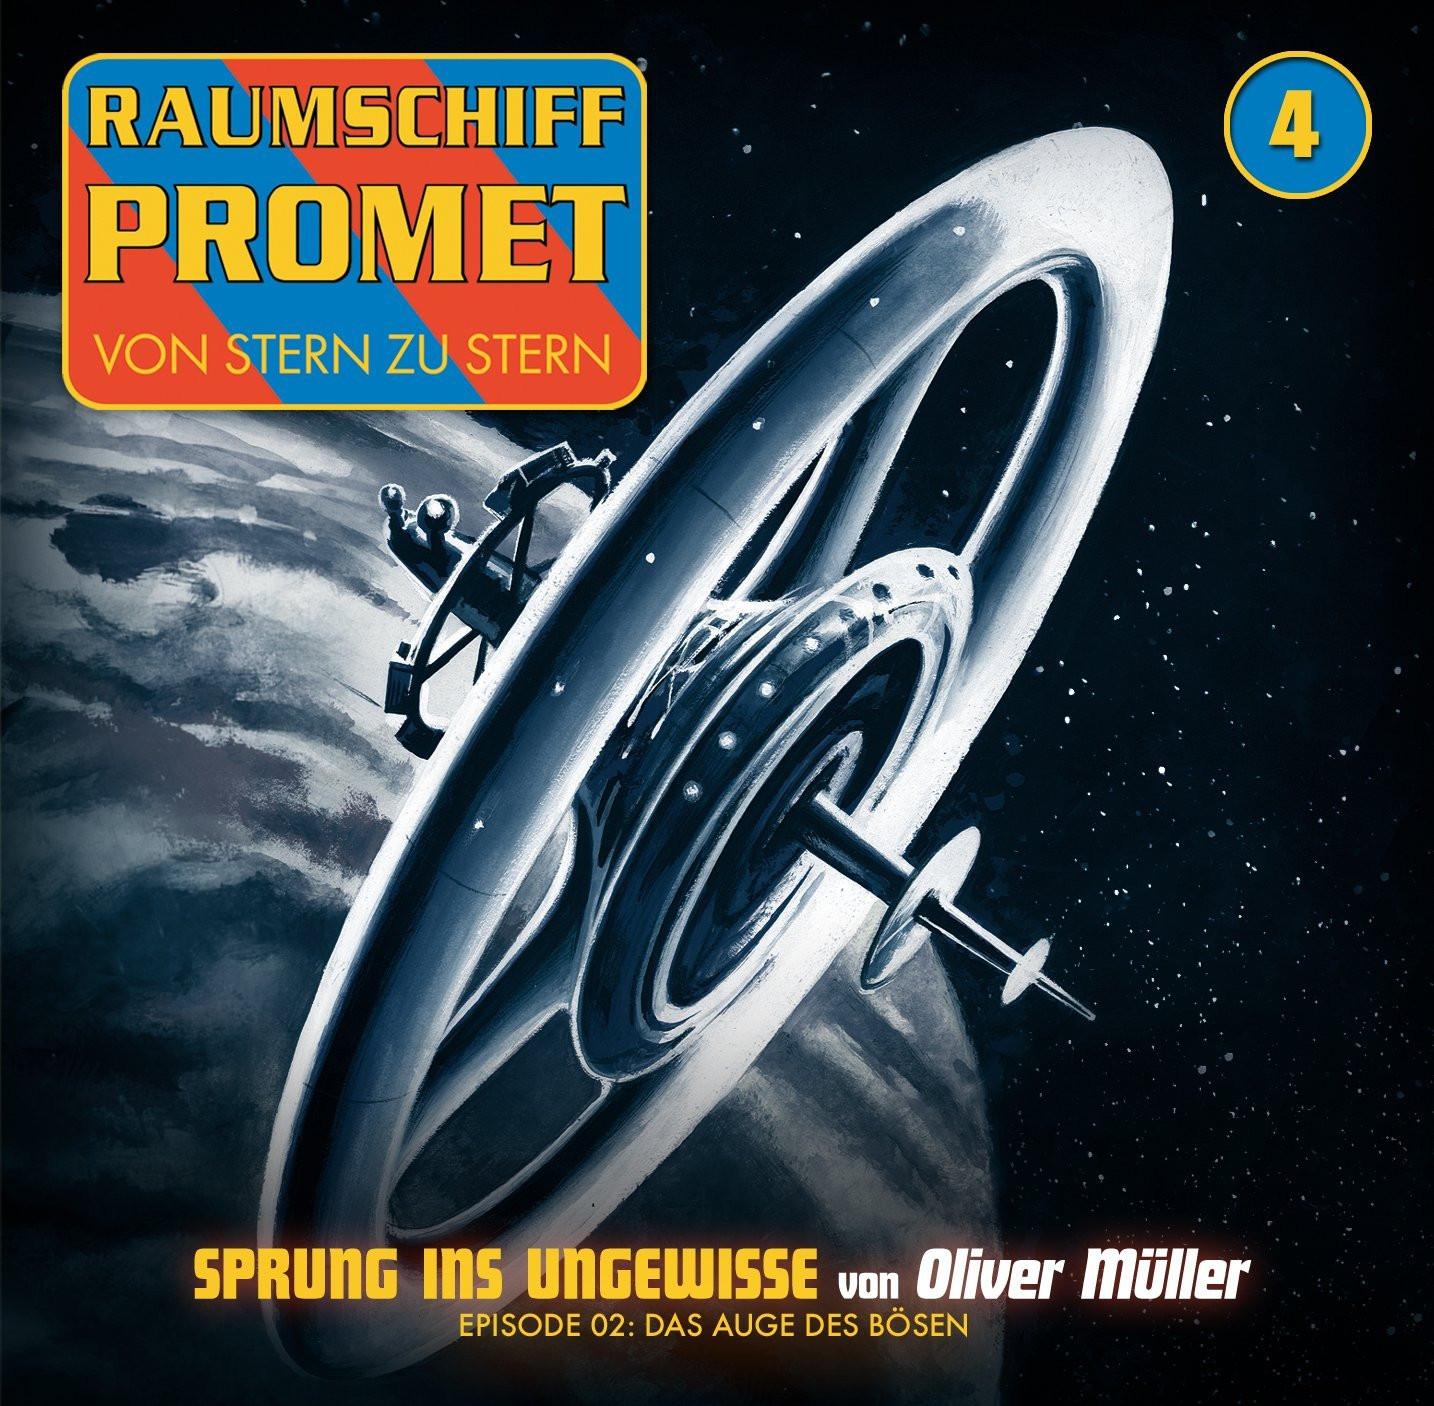 Raumschiff Promet 4 - Sprung ins Ungewisse. Episode 2: Das Auge des Bösen